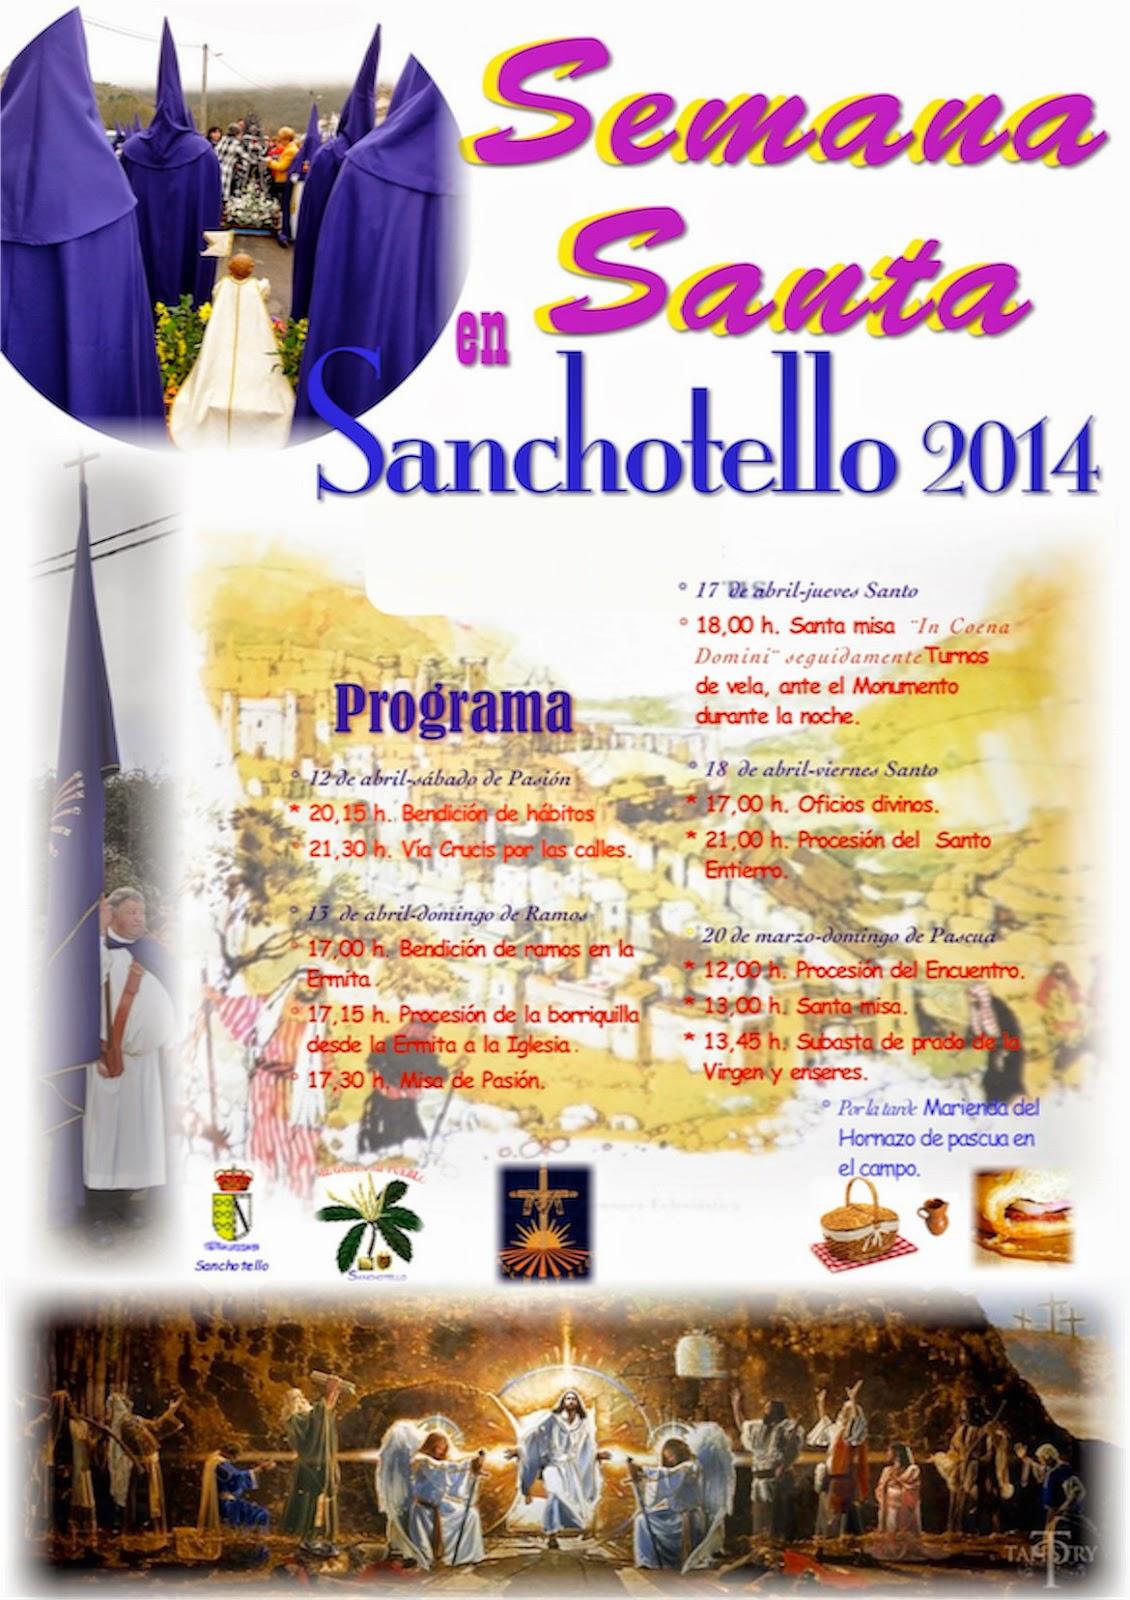 12-20/Abril: Semana Santa. Sanchotello